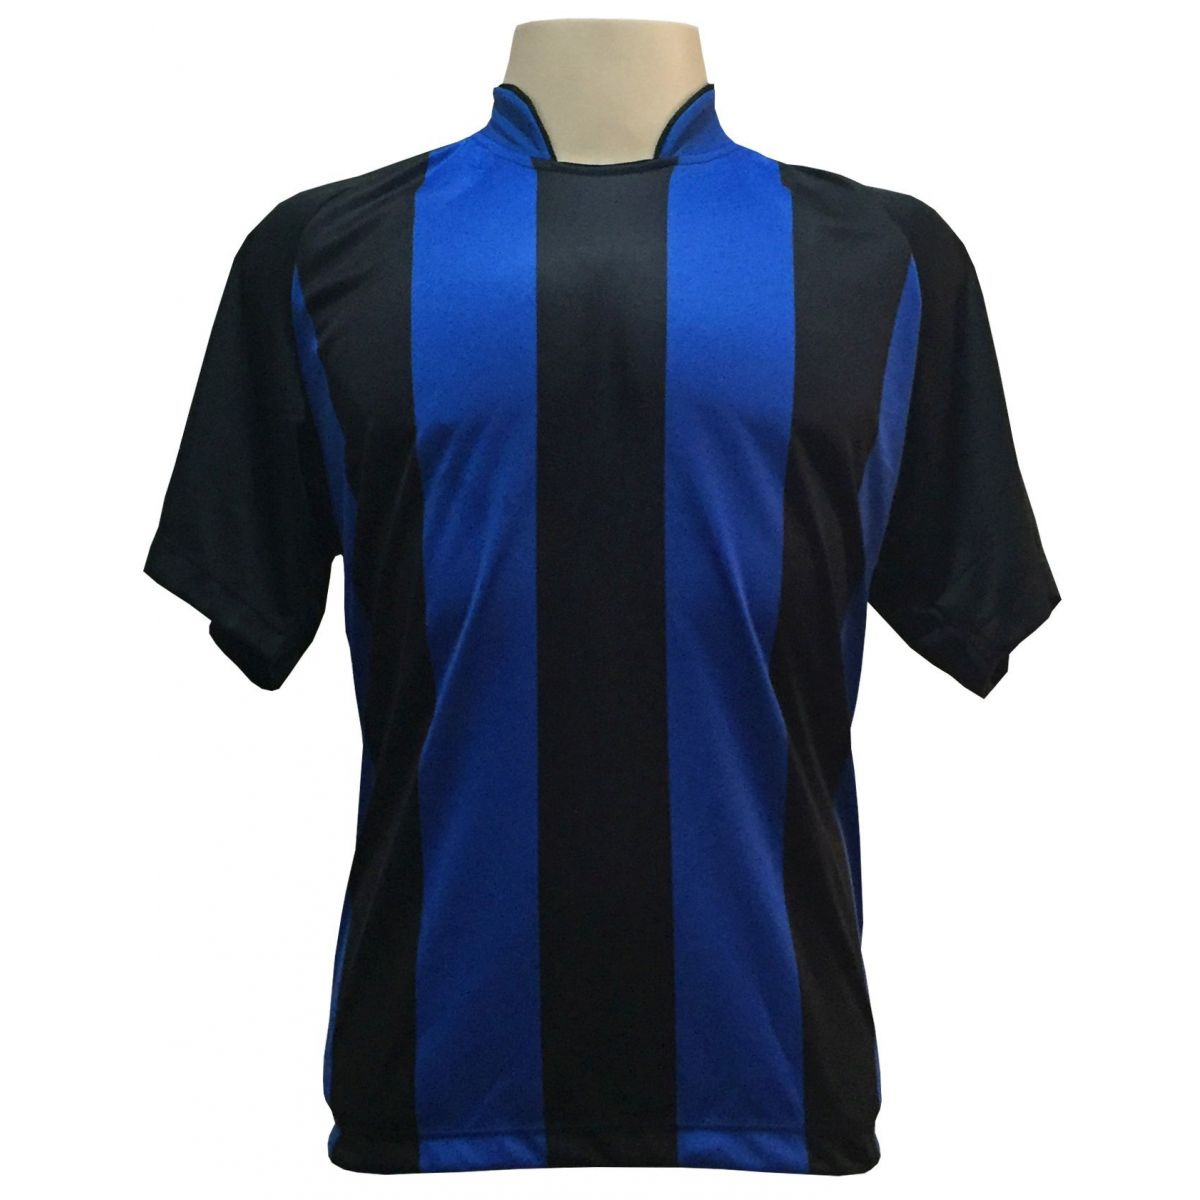 Jogo de Camisa com 18 unidades modelo Milan Preto/Royal + 1 Goleiro + Brindes